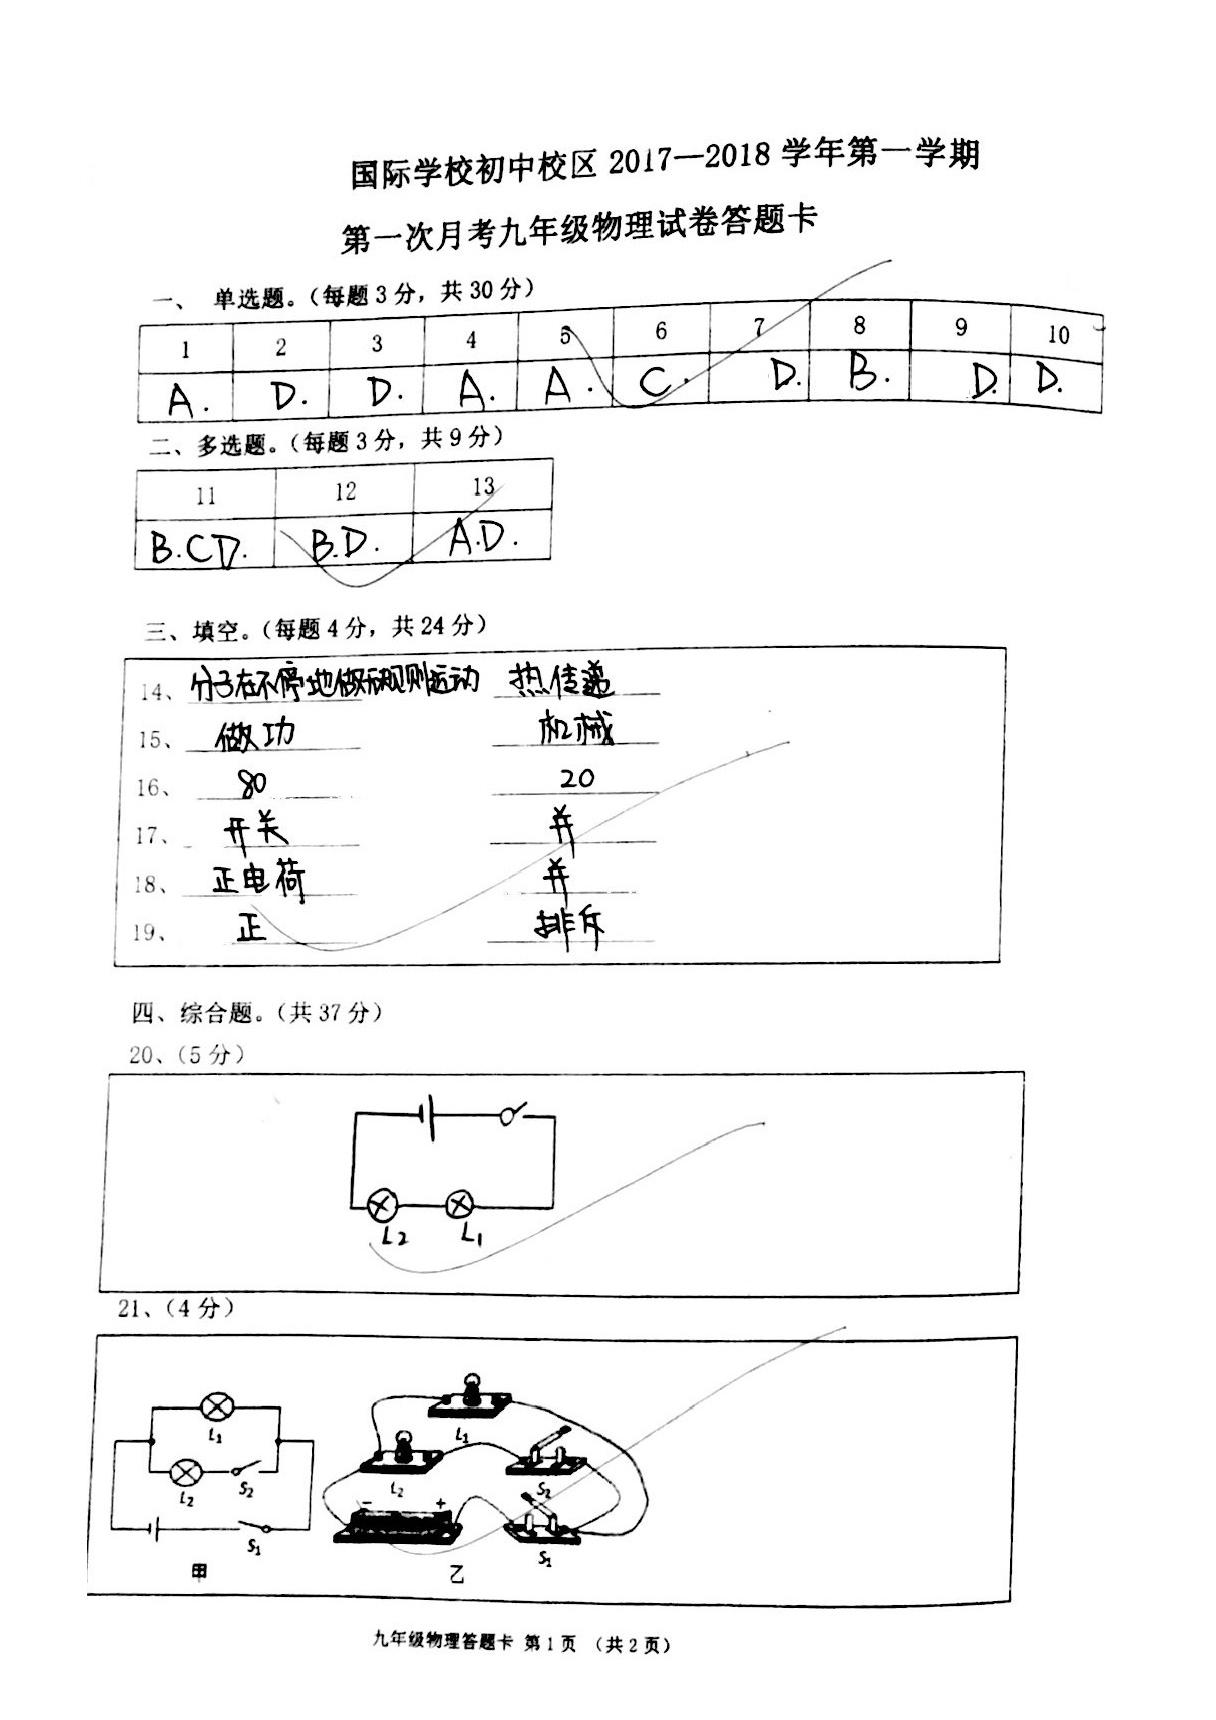 北京顺义国际学校2017-2018九年级第一学期第一次月考物理试卷答案(图片版)